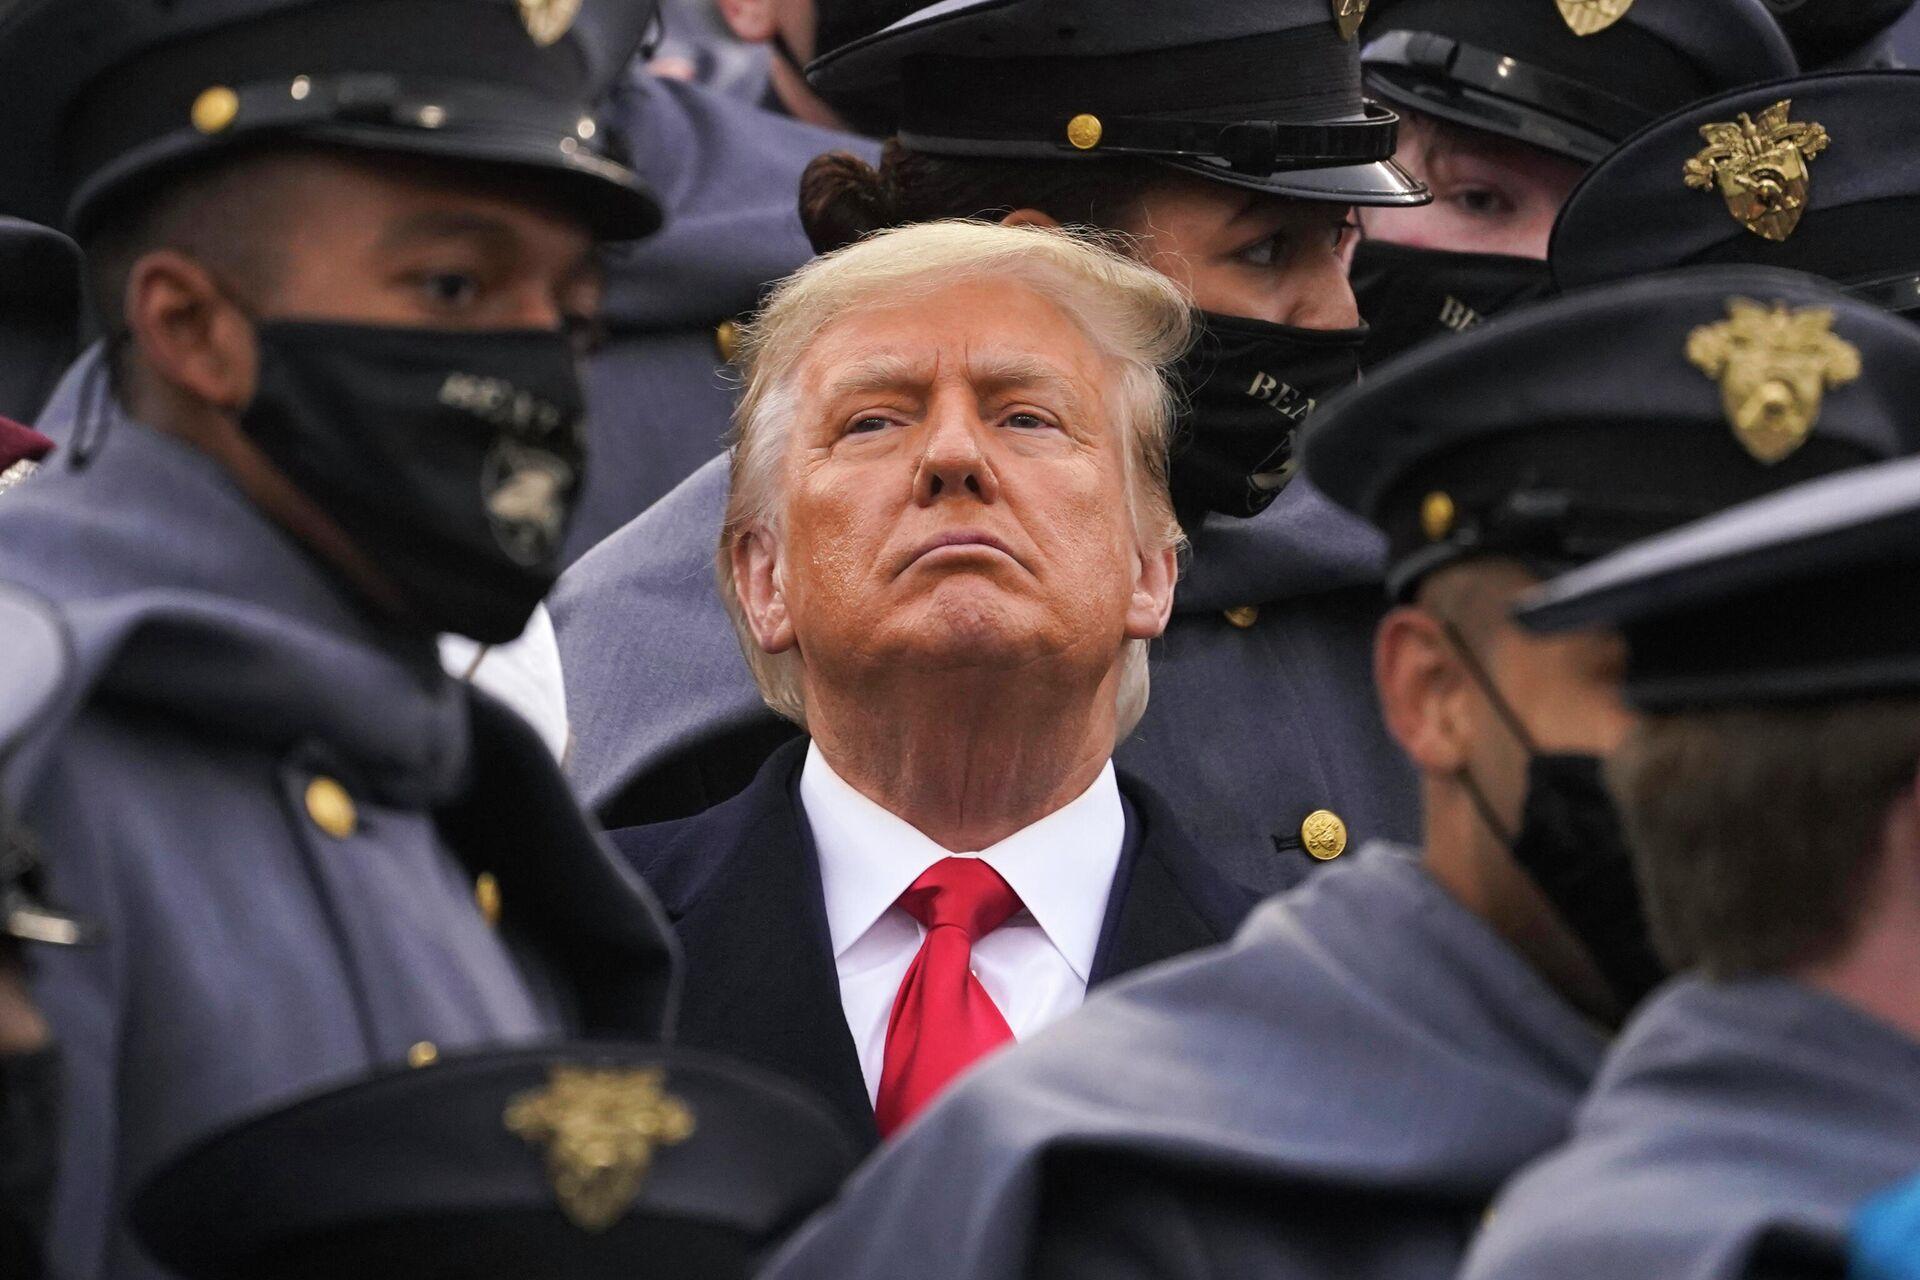 Президент США Дональд Трамп в окружении армейских кадетов - РИА Новости, 1920, 28.01.2021